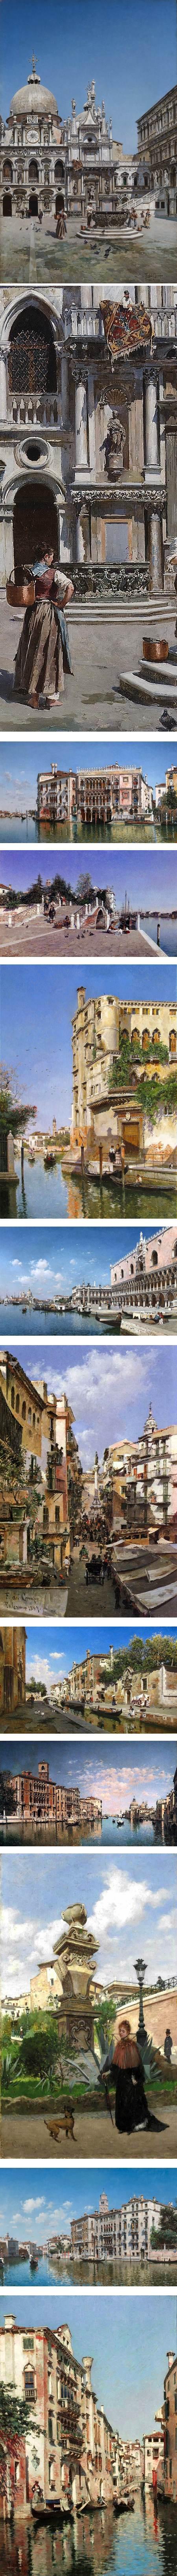 Federico del Campo, scenes of Venice